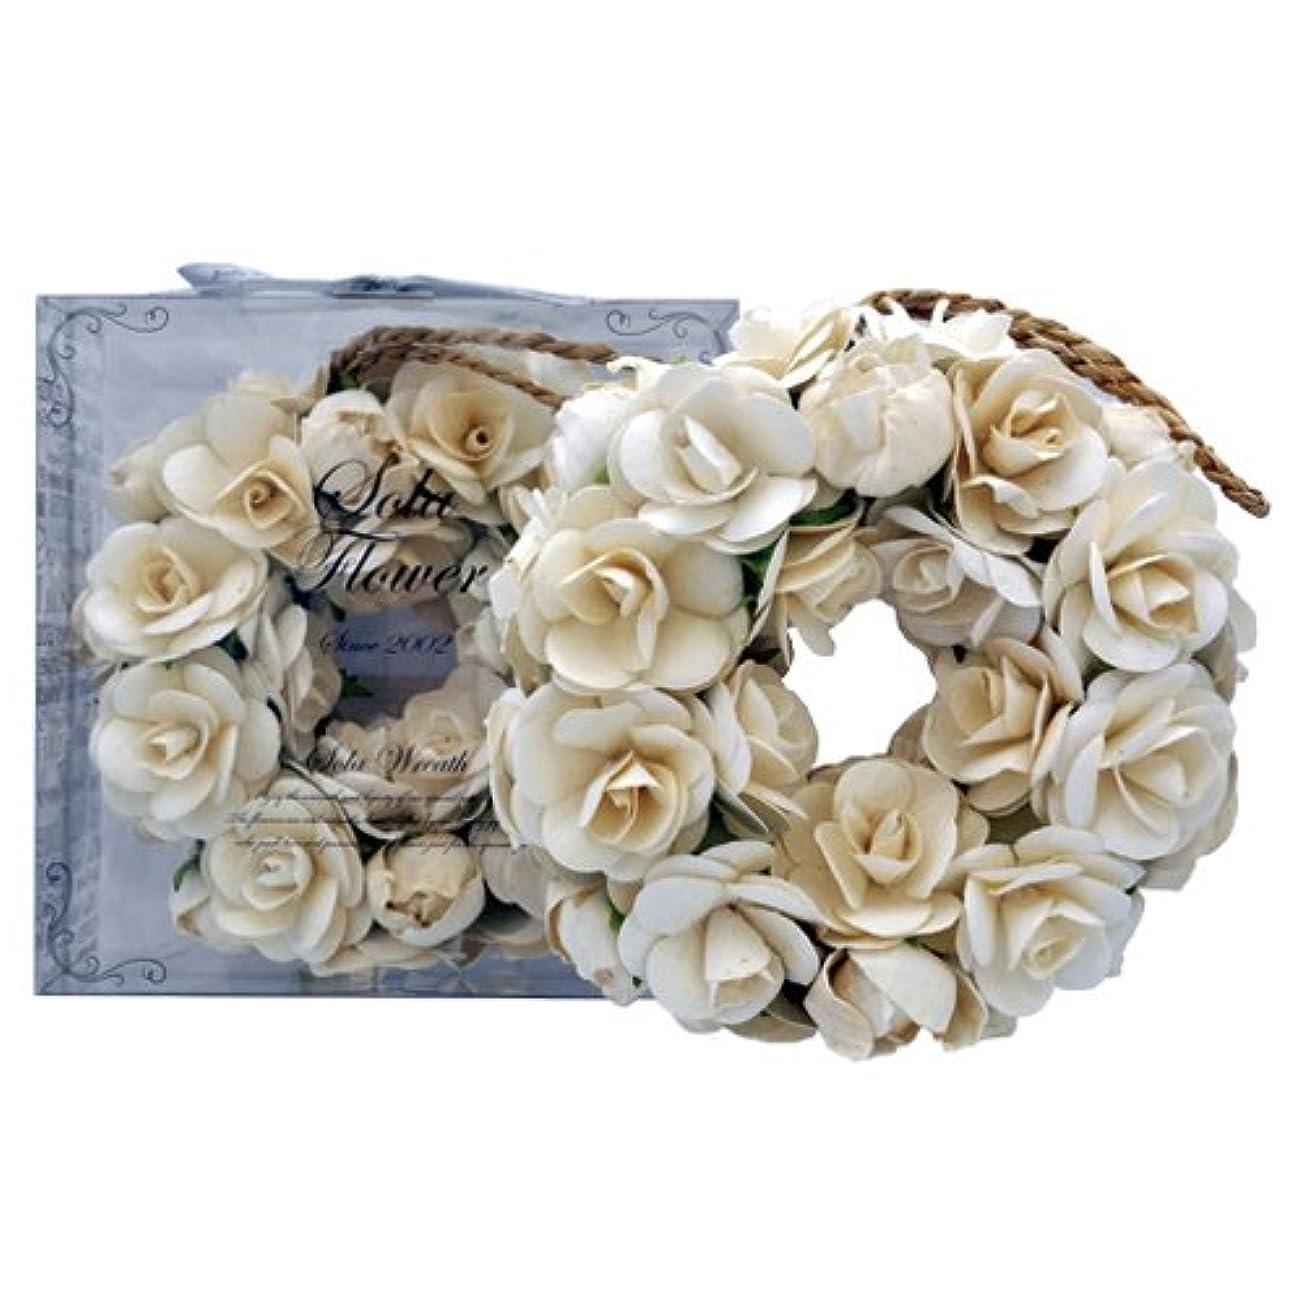 トロリーバス繁殖情報new Sola Flower ソラフラワー リース Elegant Peony エレガントピオニー Wreath